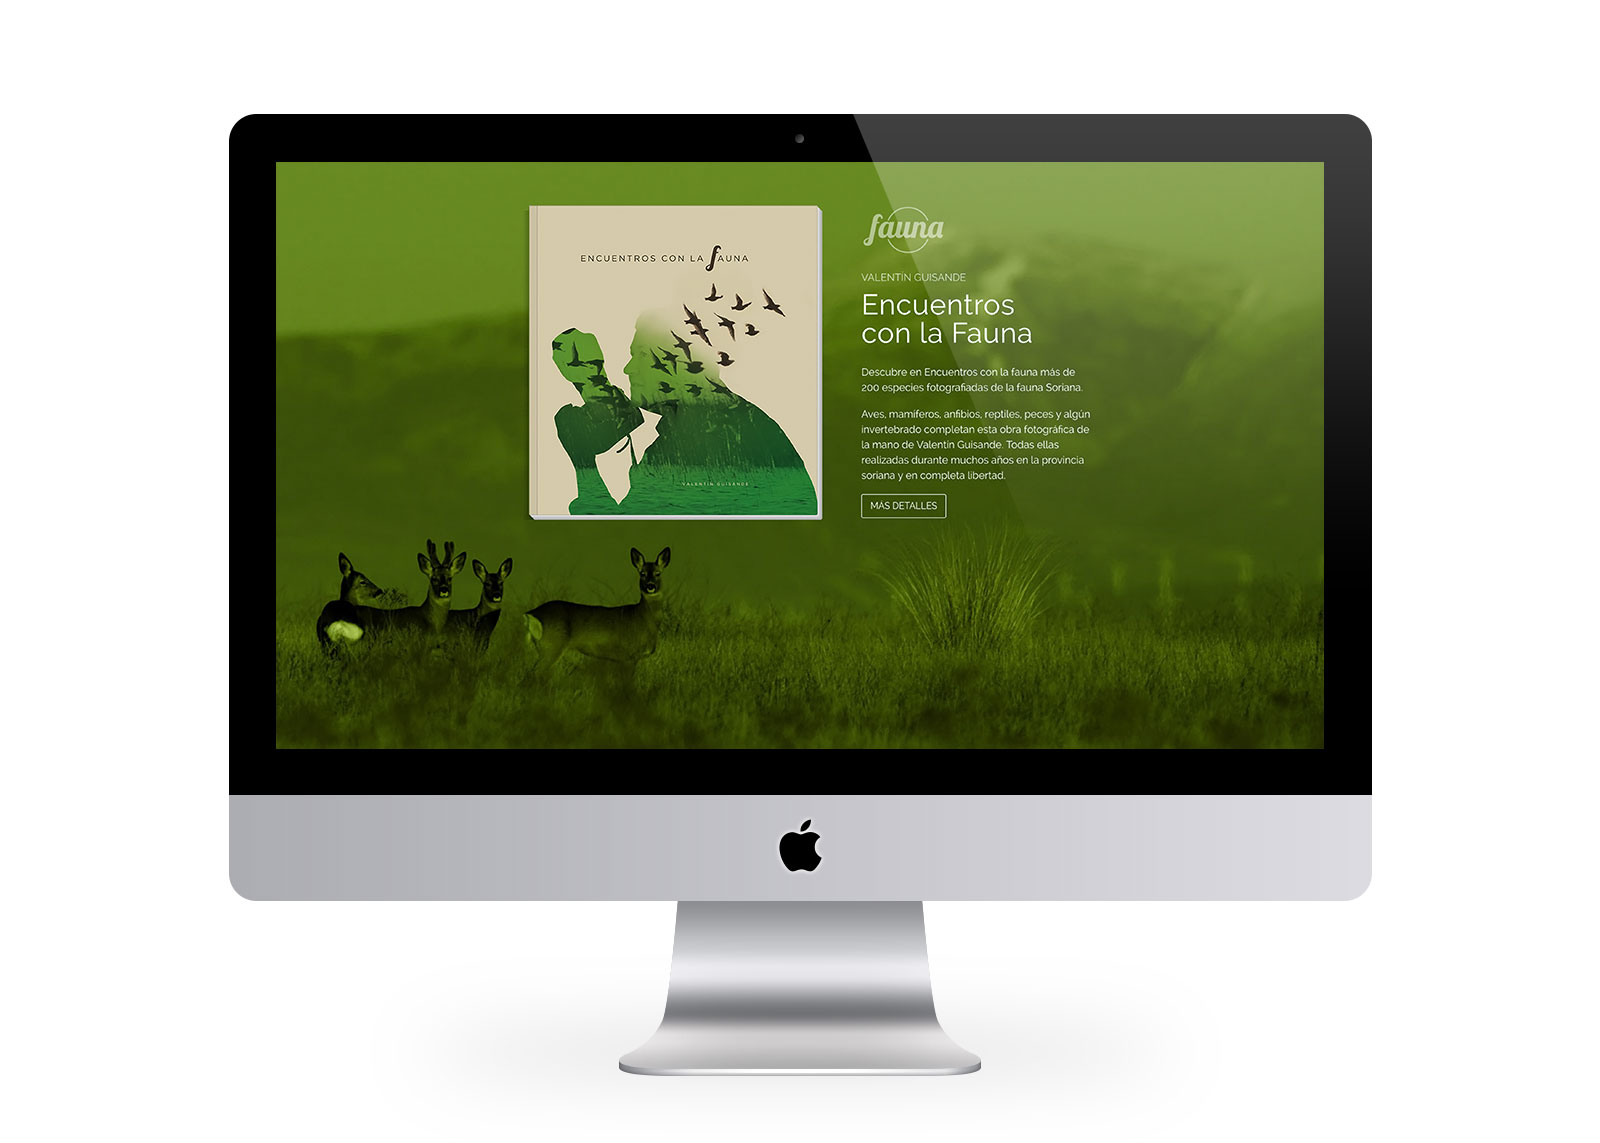 encuentros-con-la-fauna-desktop-1